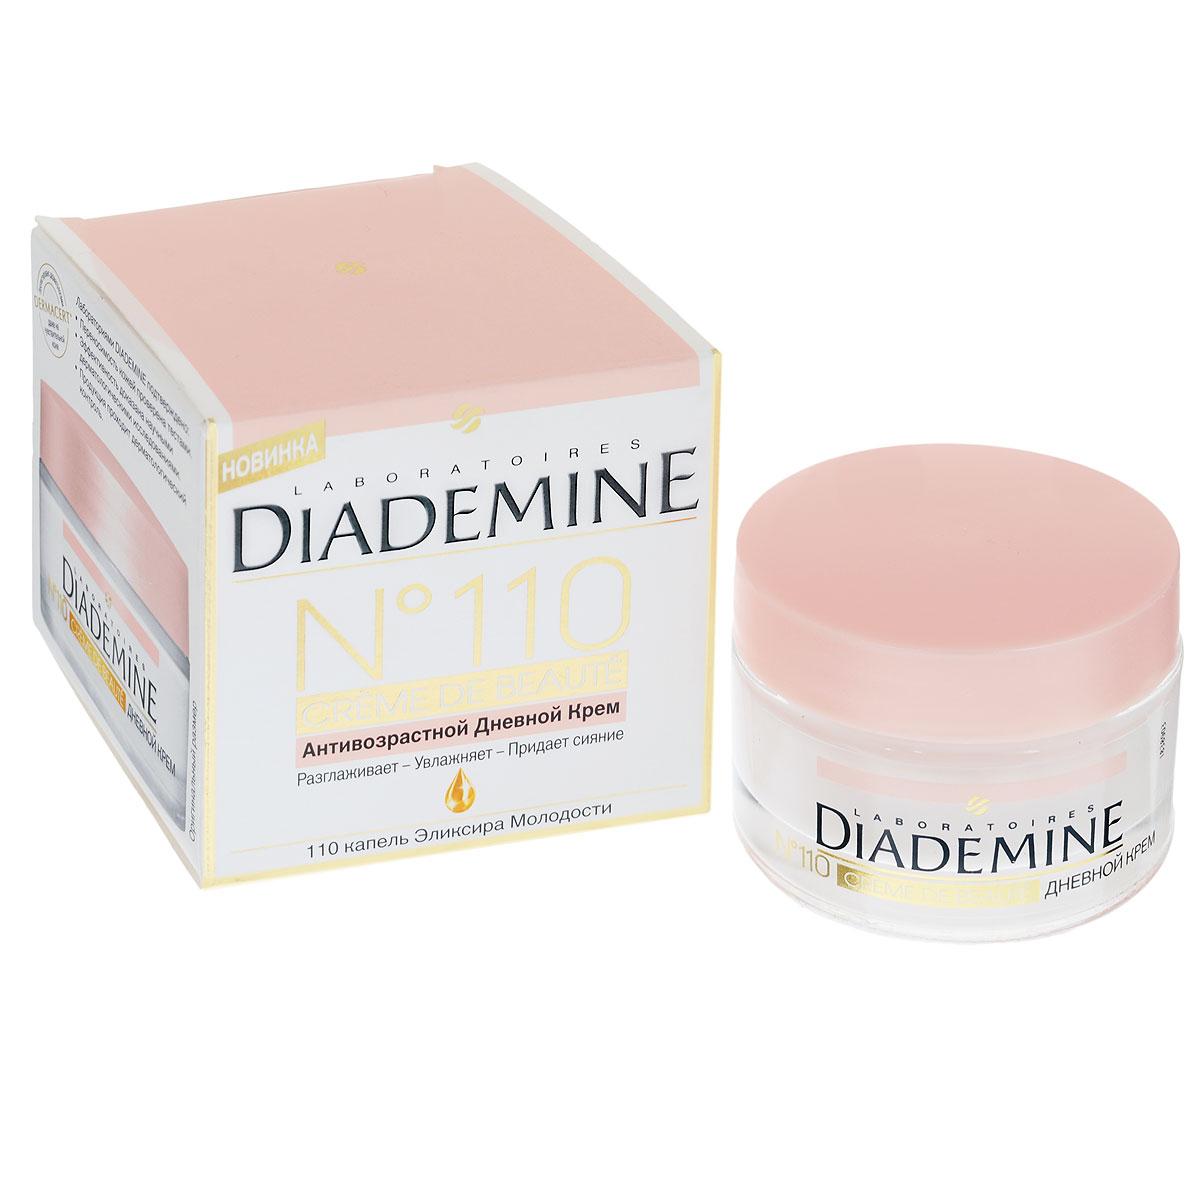 Diademine Крем для лица 110 капель Эликсира Молодости, дневной, антивозрастной, увлажняющий, 50 мл